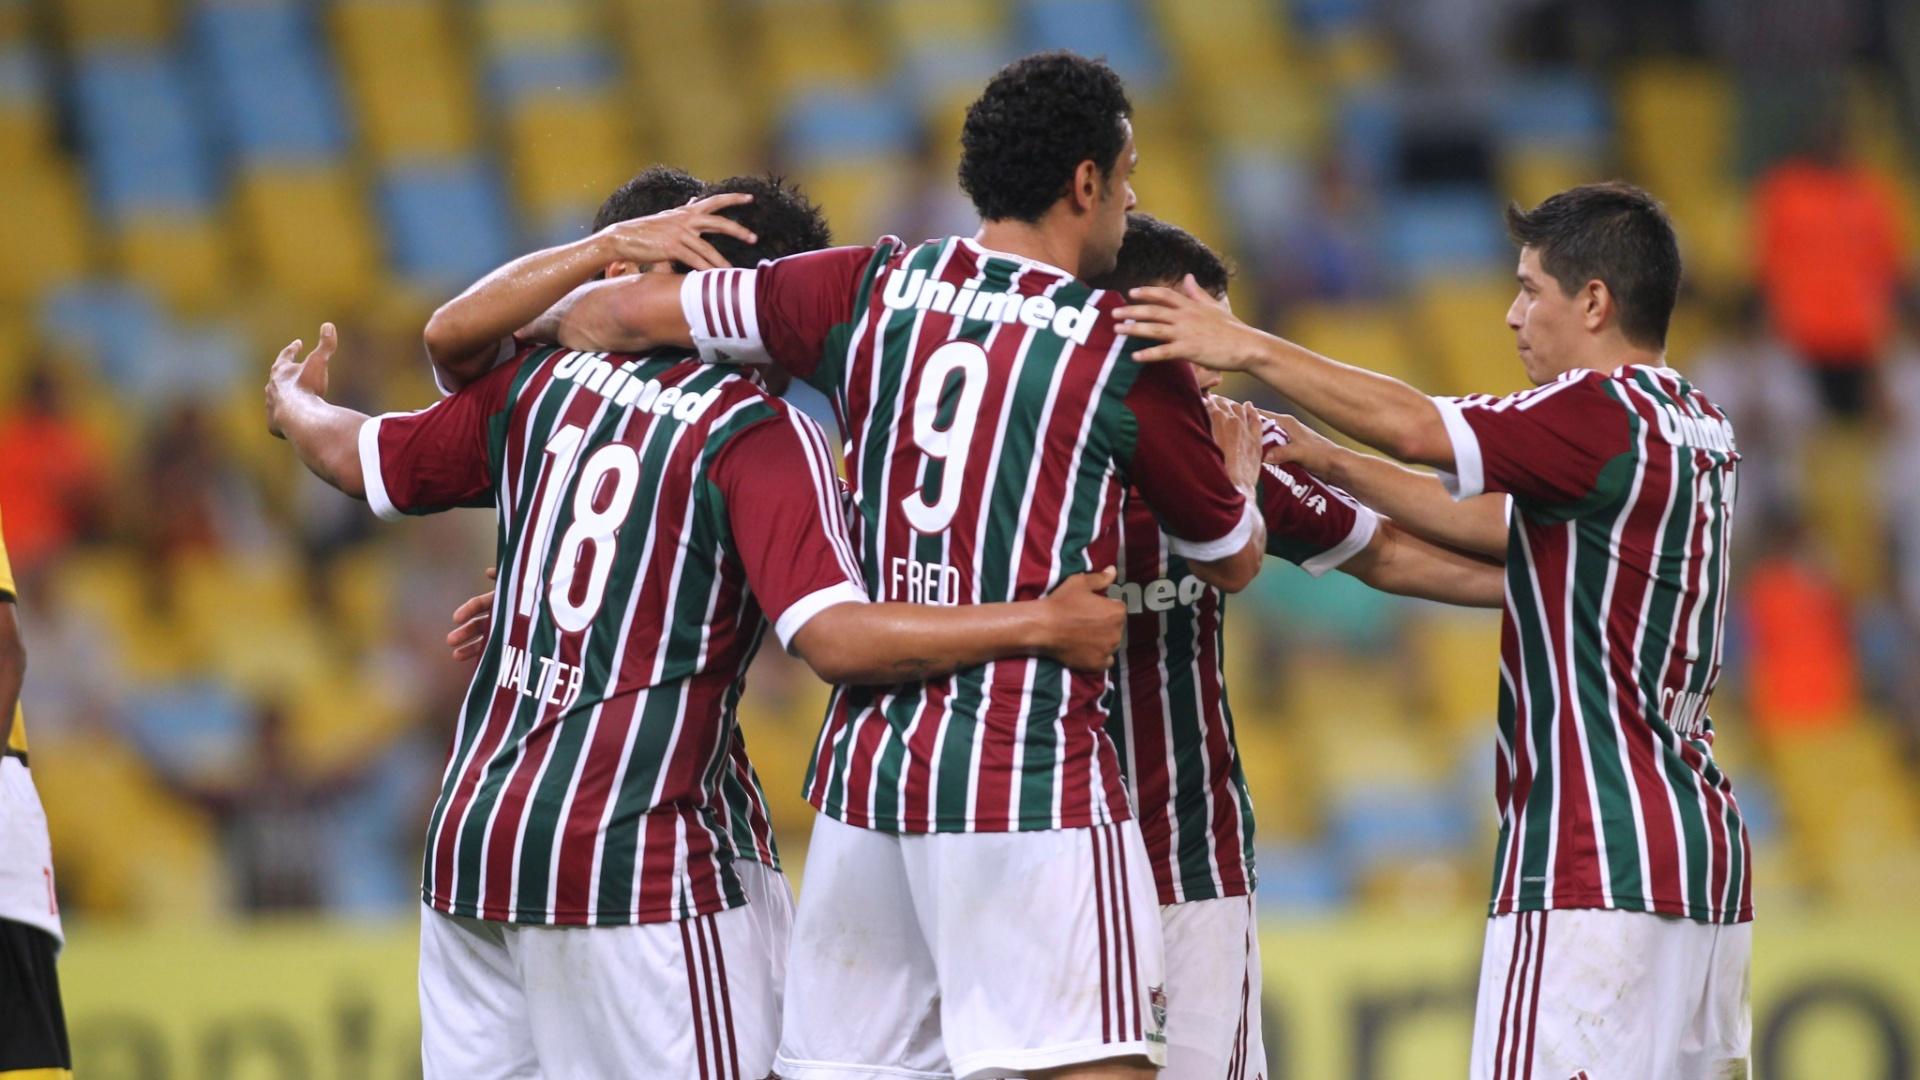 Jogadores do Fluminense comemoram gol contra o Criciúma